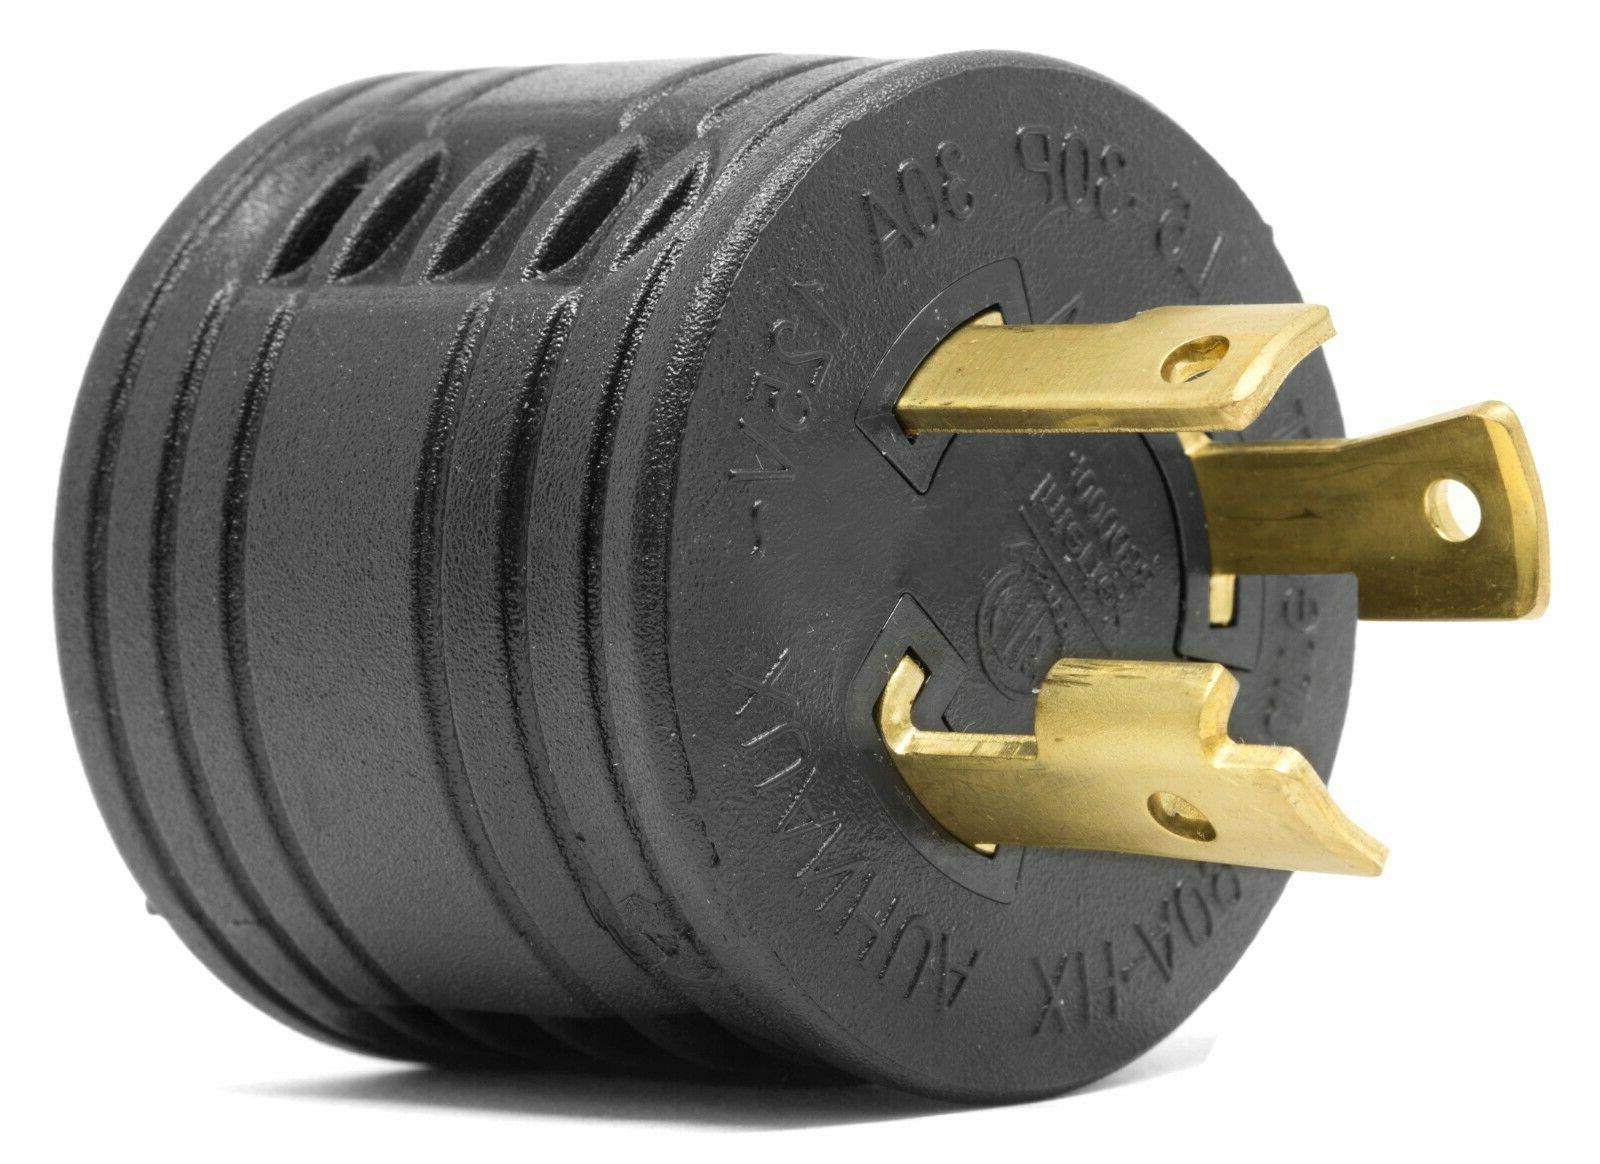 gna030 120v 30 amp 3600 watt generator